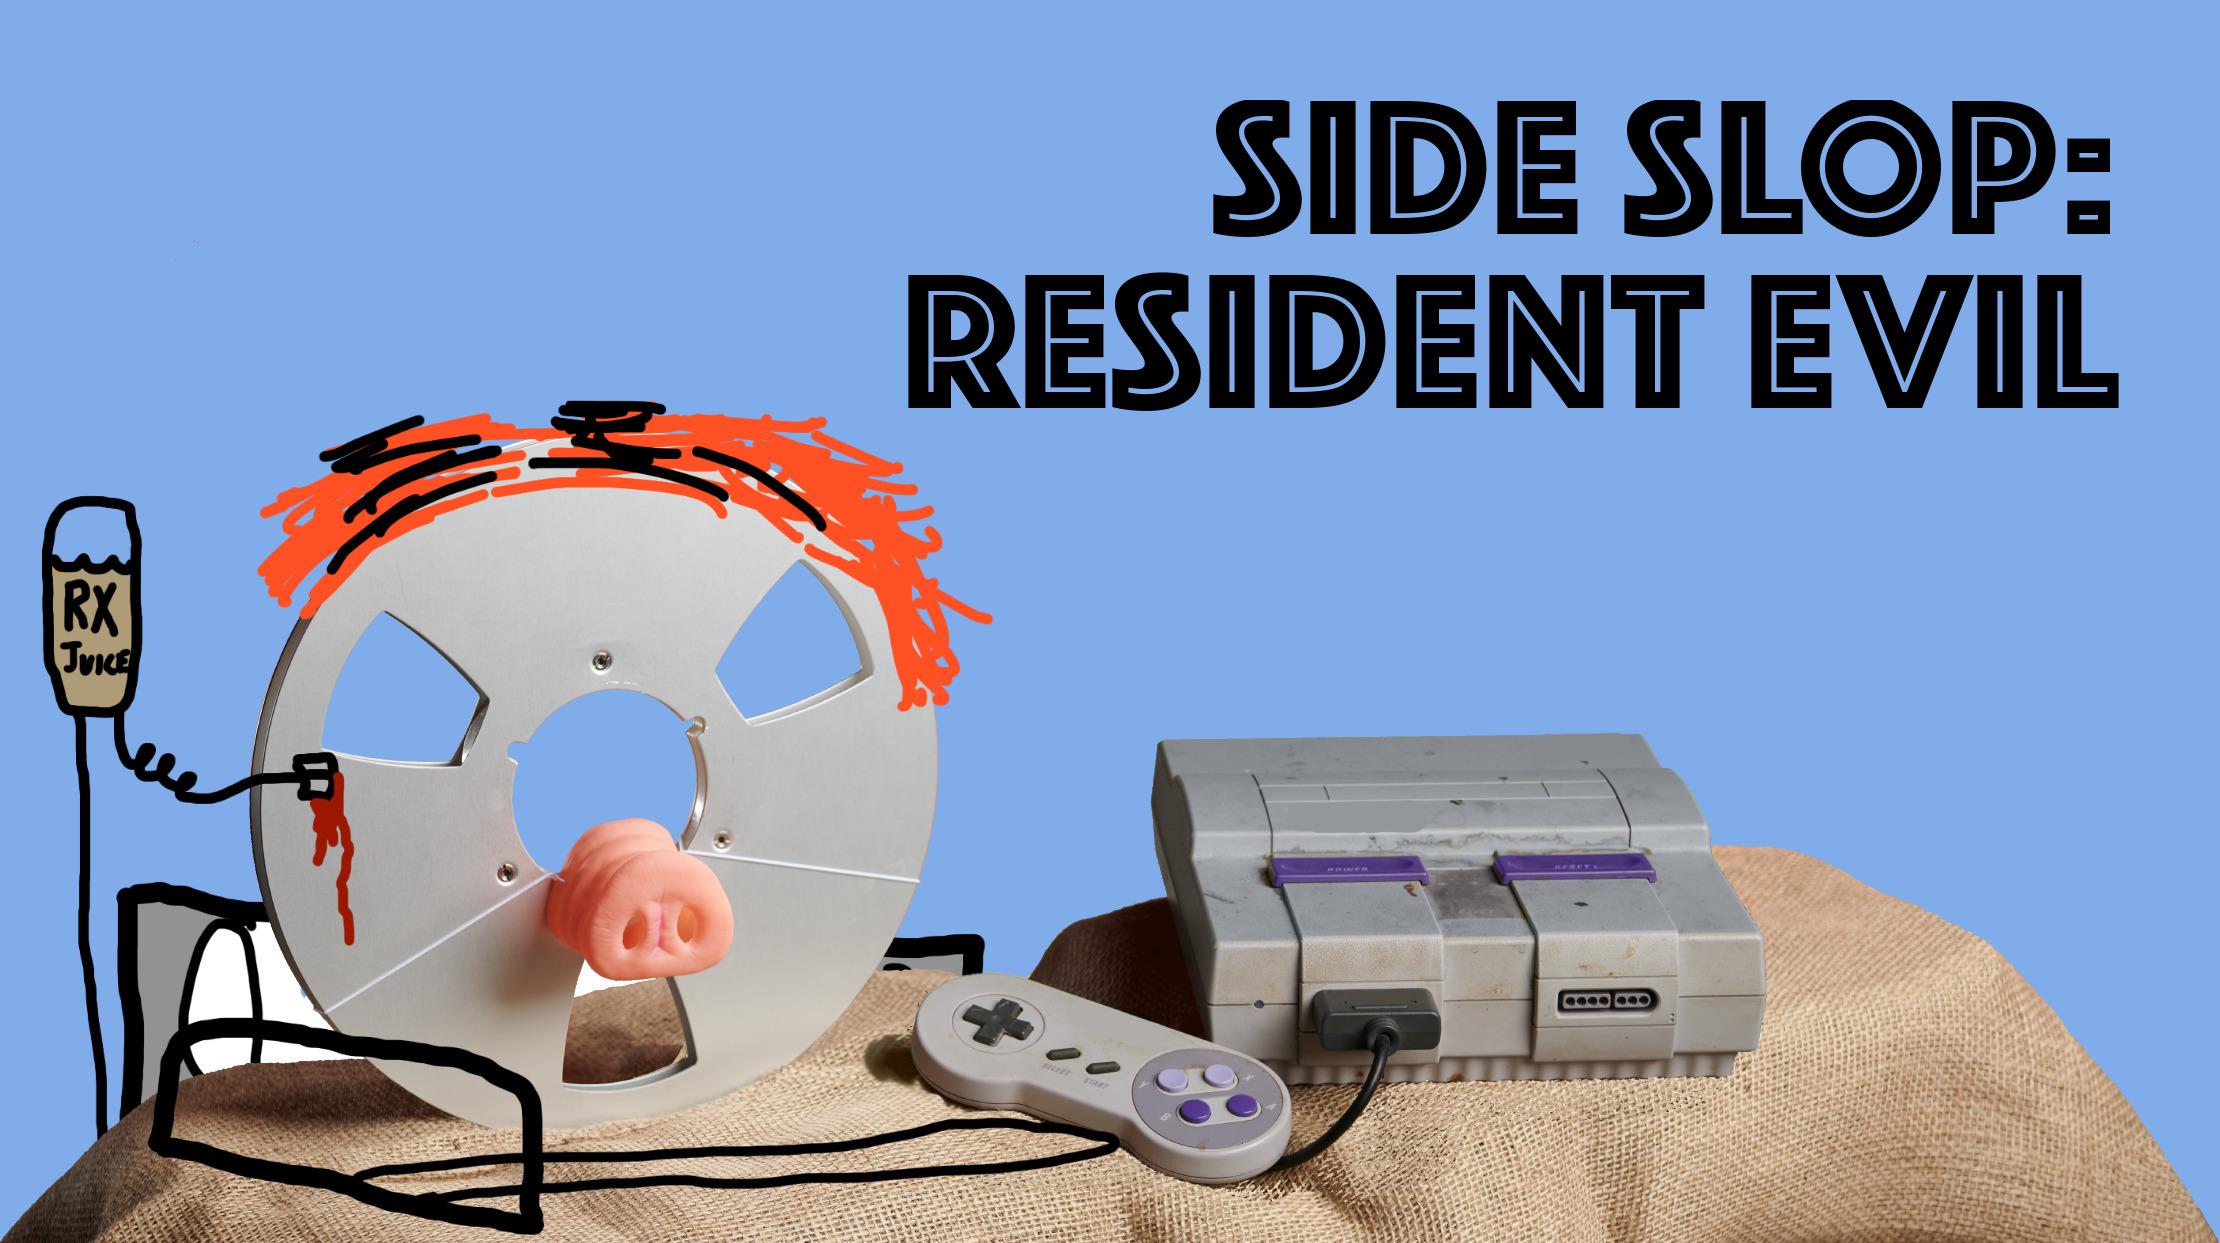 Side Slop: Resident Evil